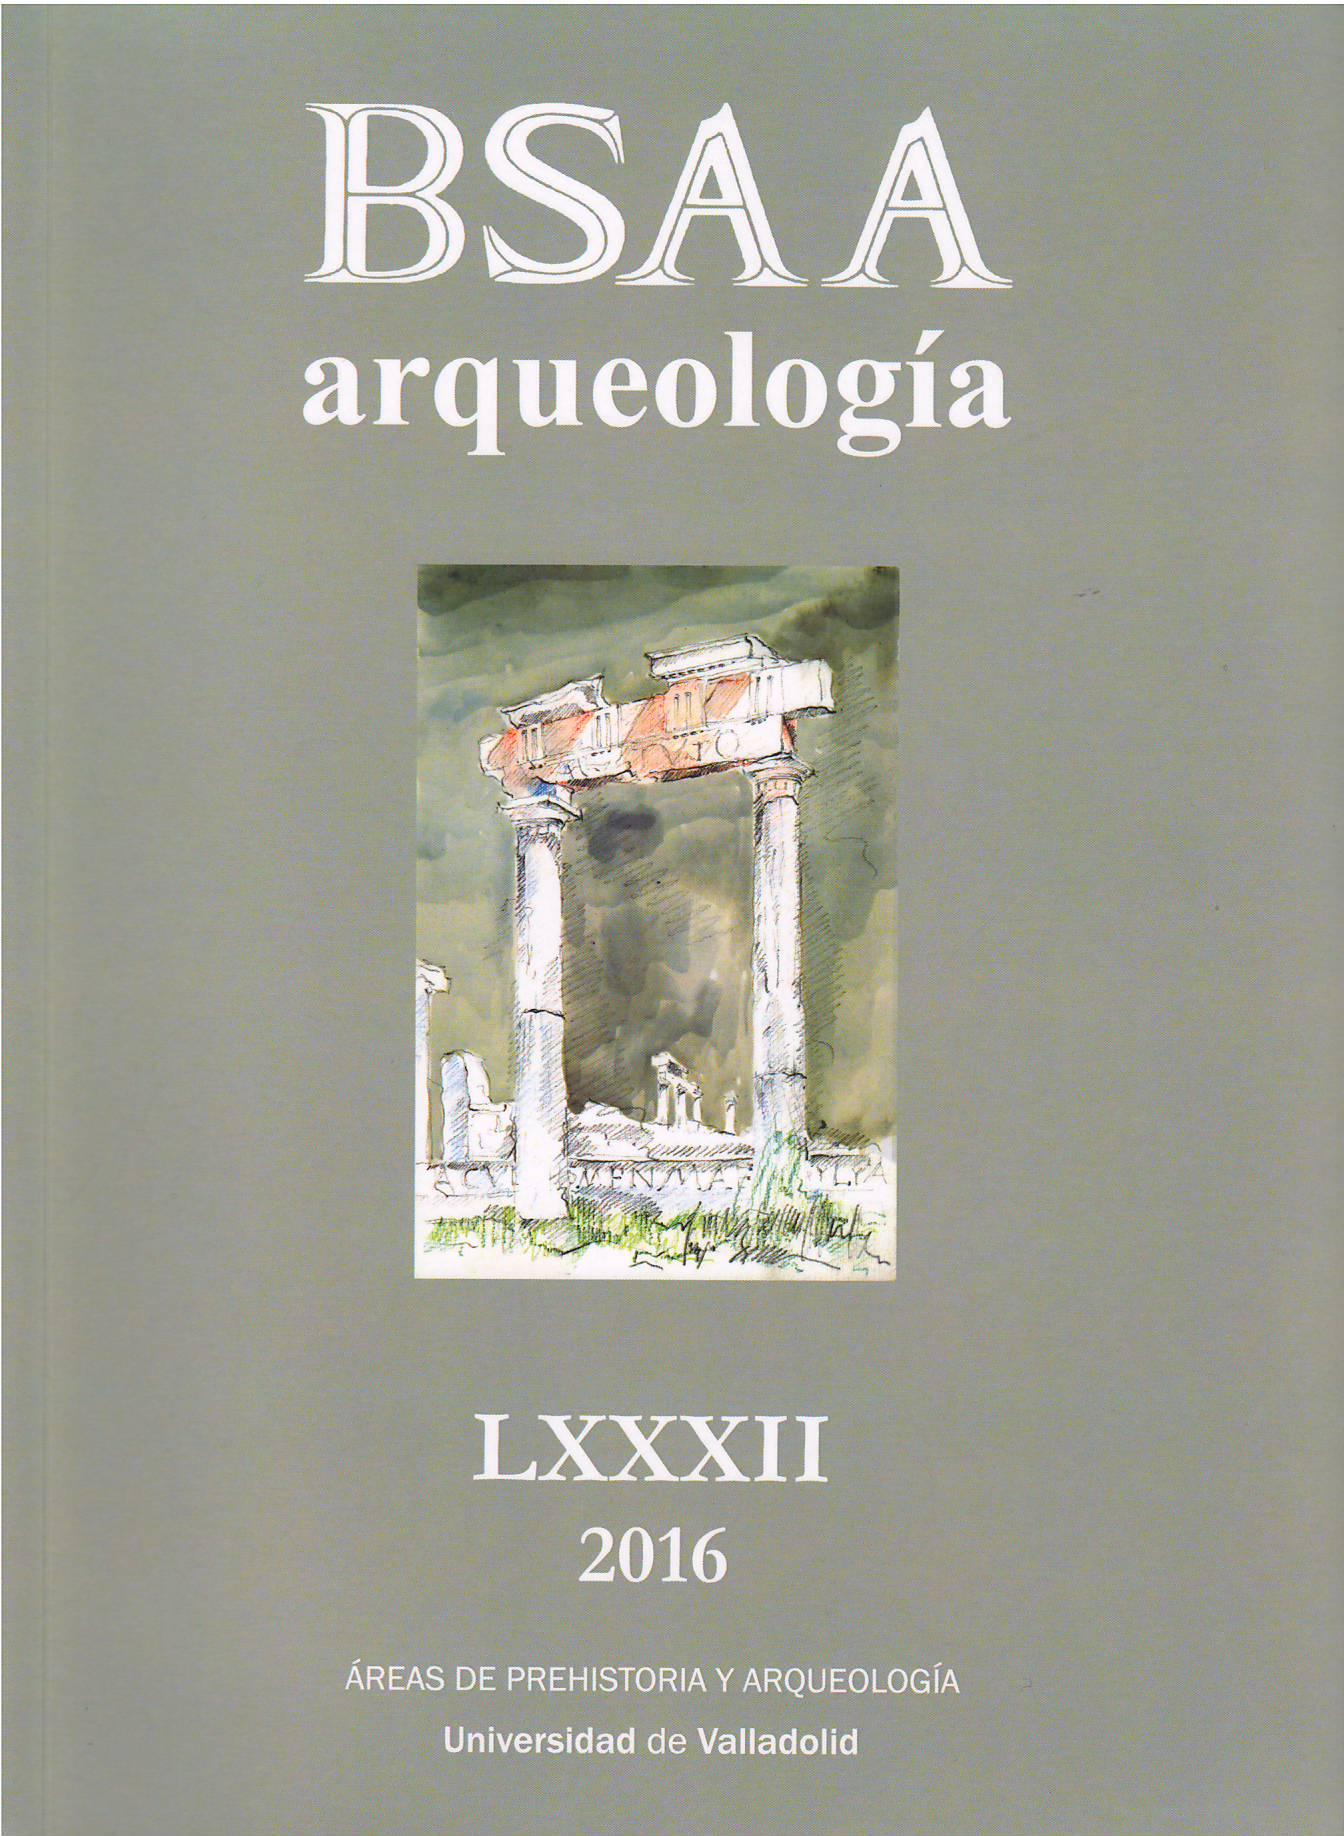 Imagen de portada de la revista BSAA Arqueología